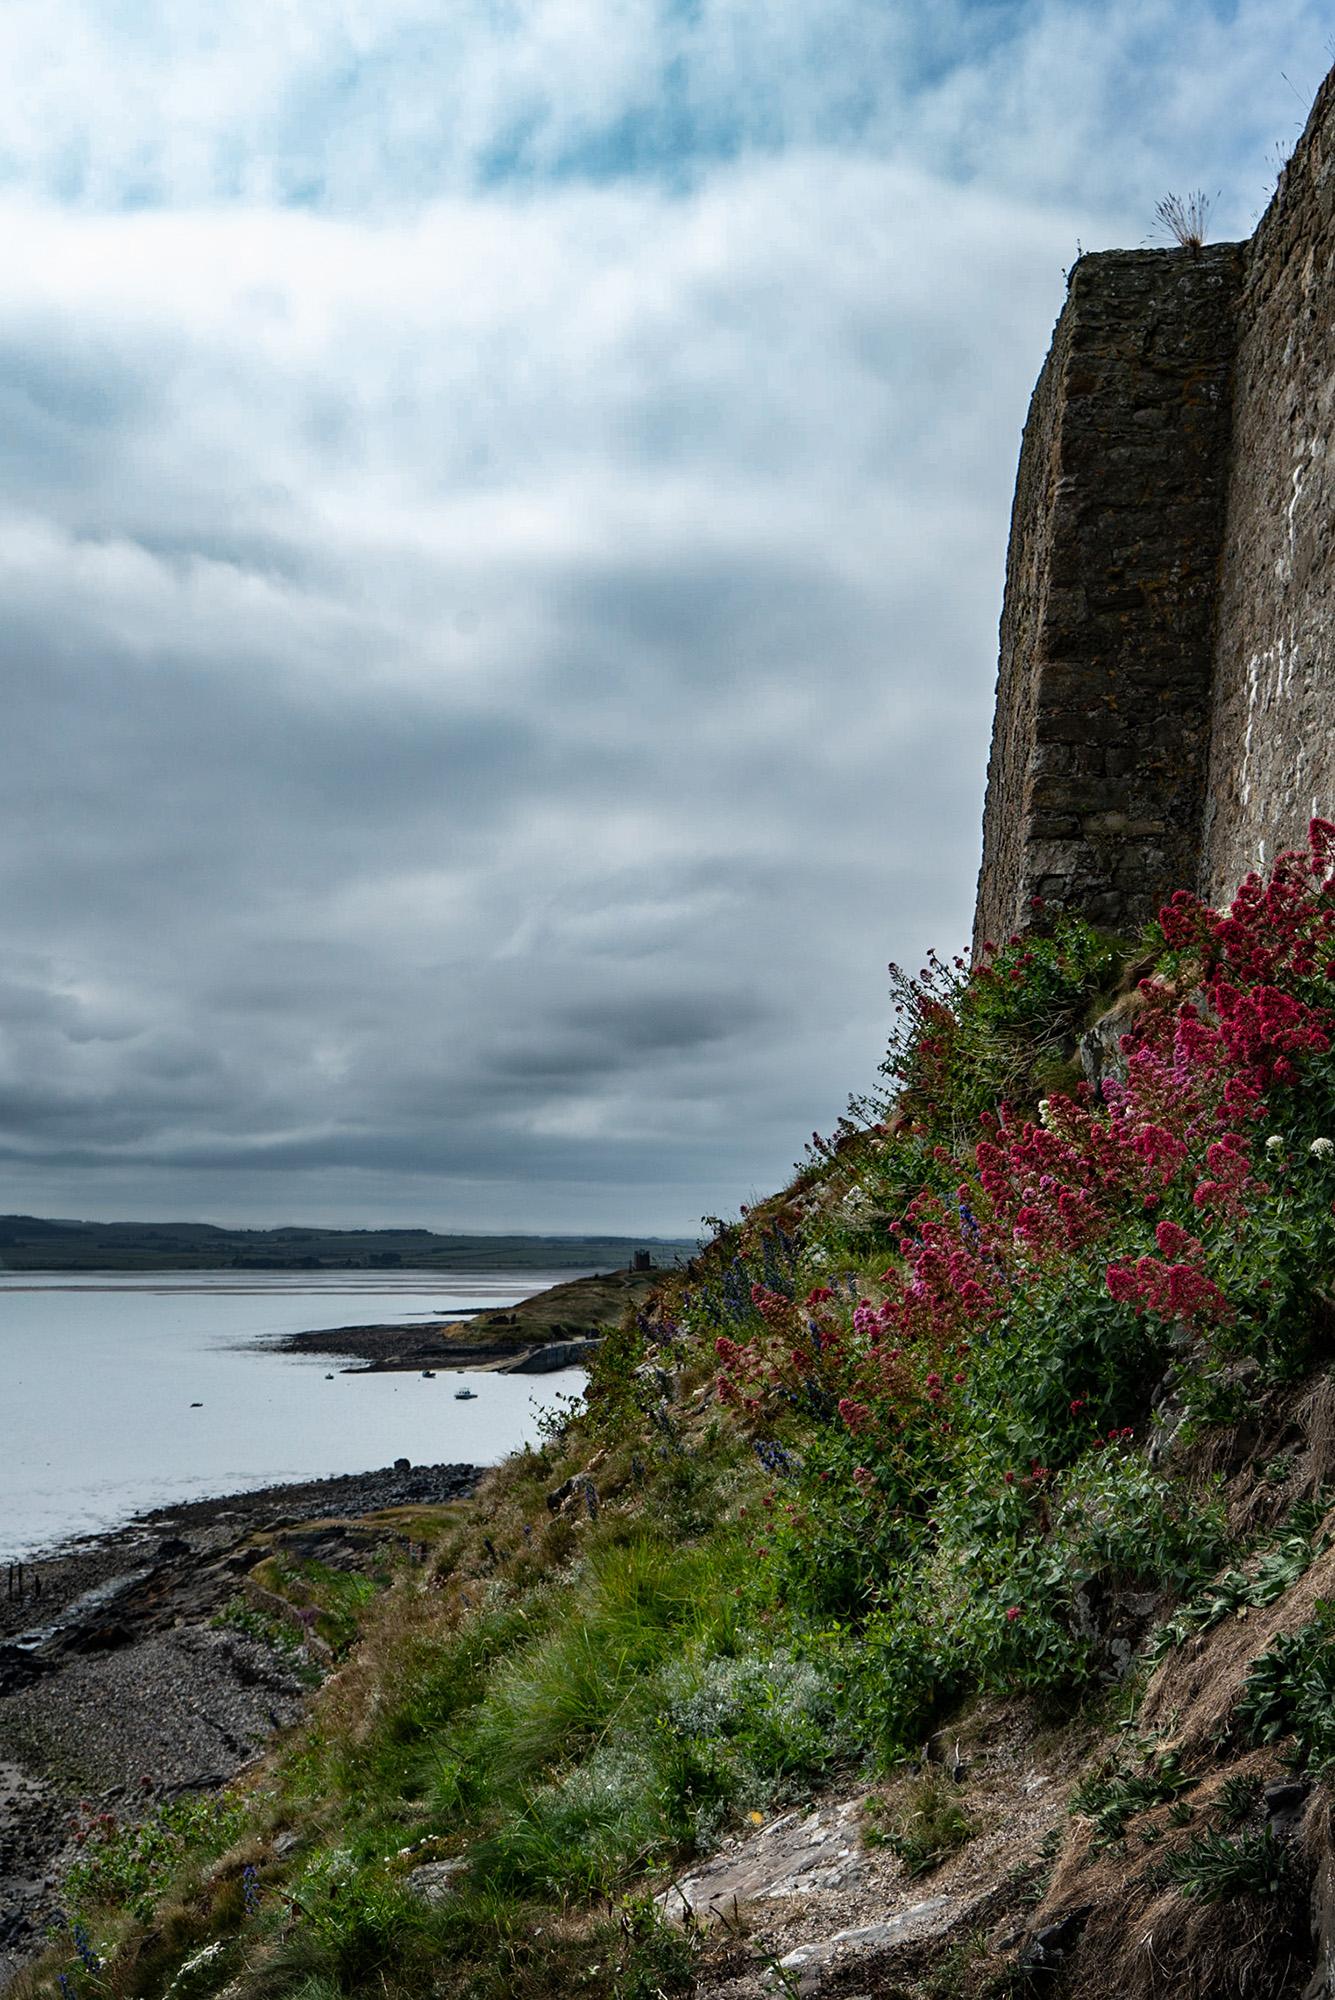 #castle, #wildflowers, #lindisfarne, #colorful, #pink, #pinkandgreen, #clouds, #northsea, #walls